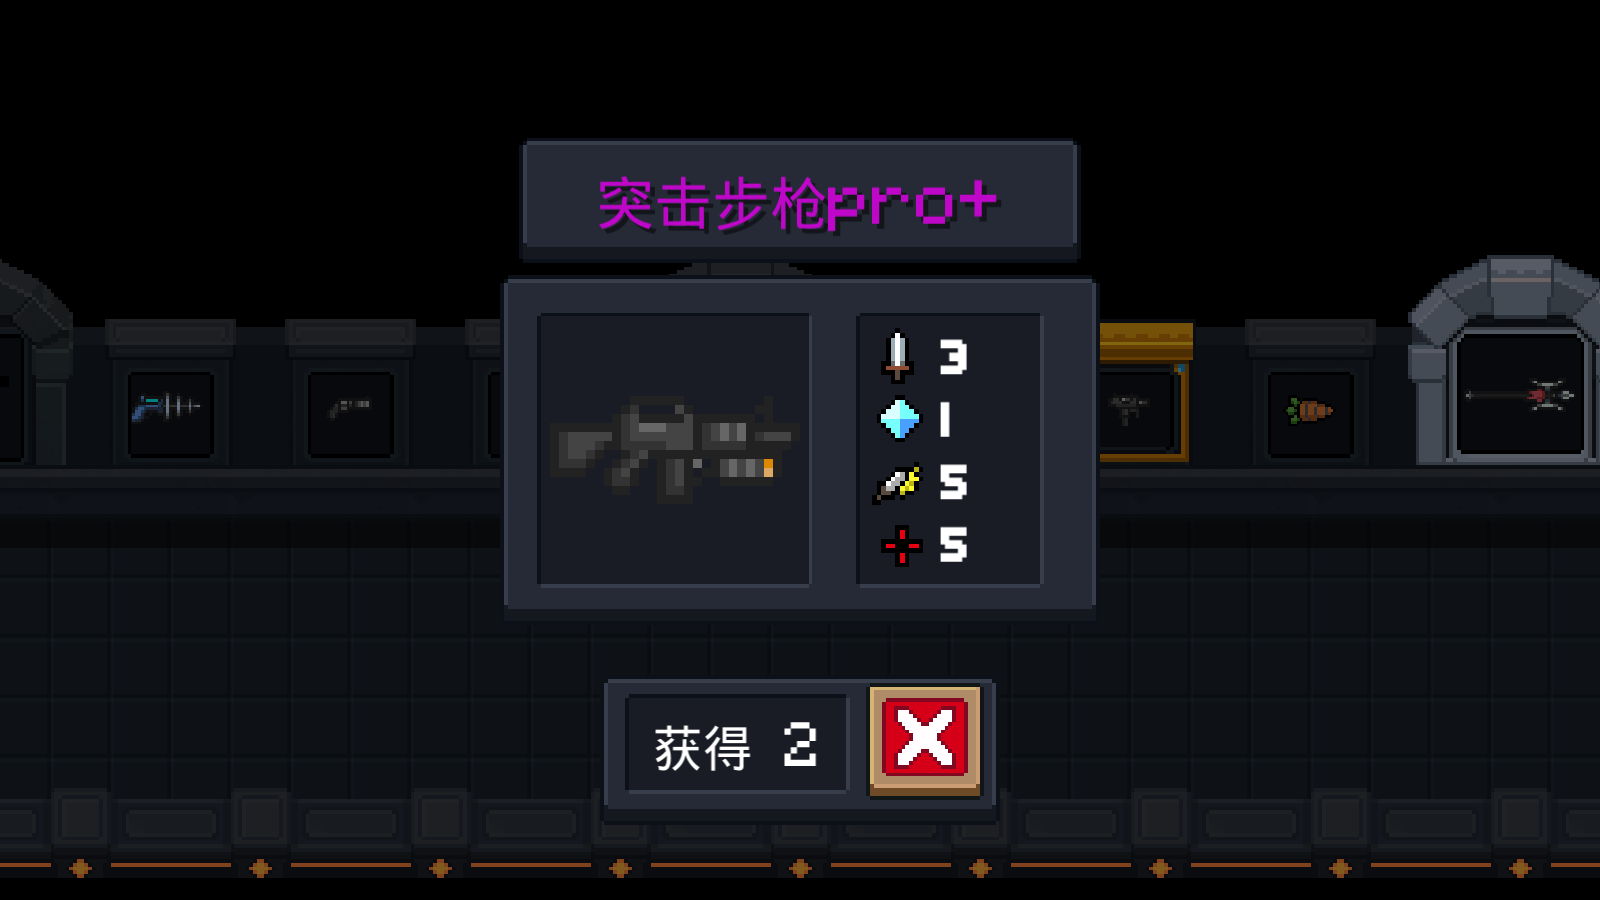 《元气骑士》武器突击步枪pro+图鉴